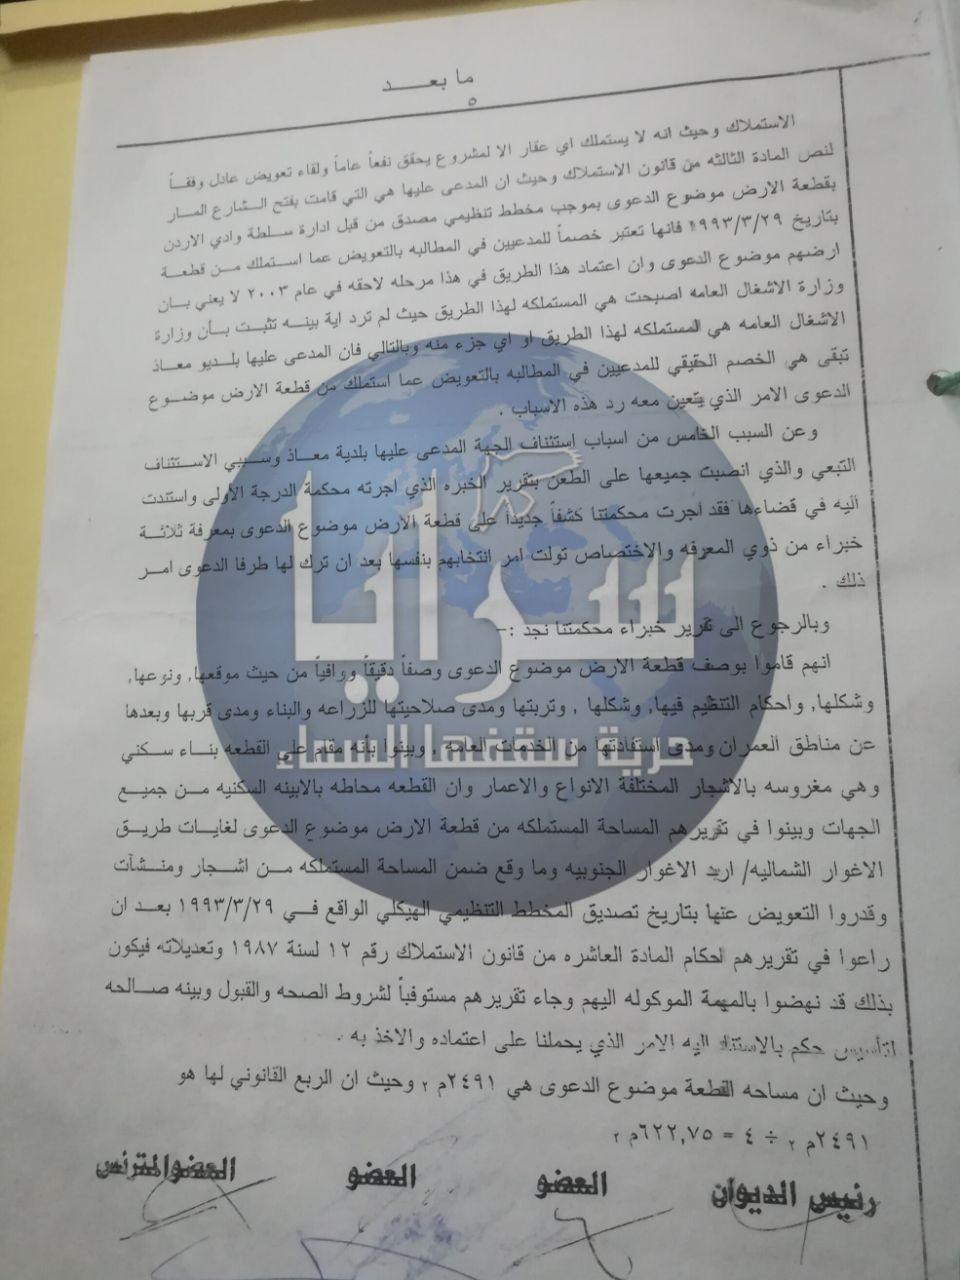 بالوثائق ..  قرار قضائي بالحجز على مركبة رئيس بلدية معاذ بن جبل